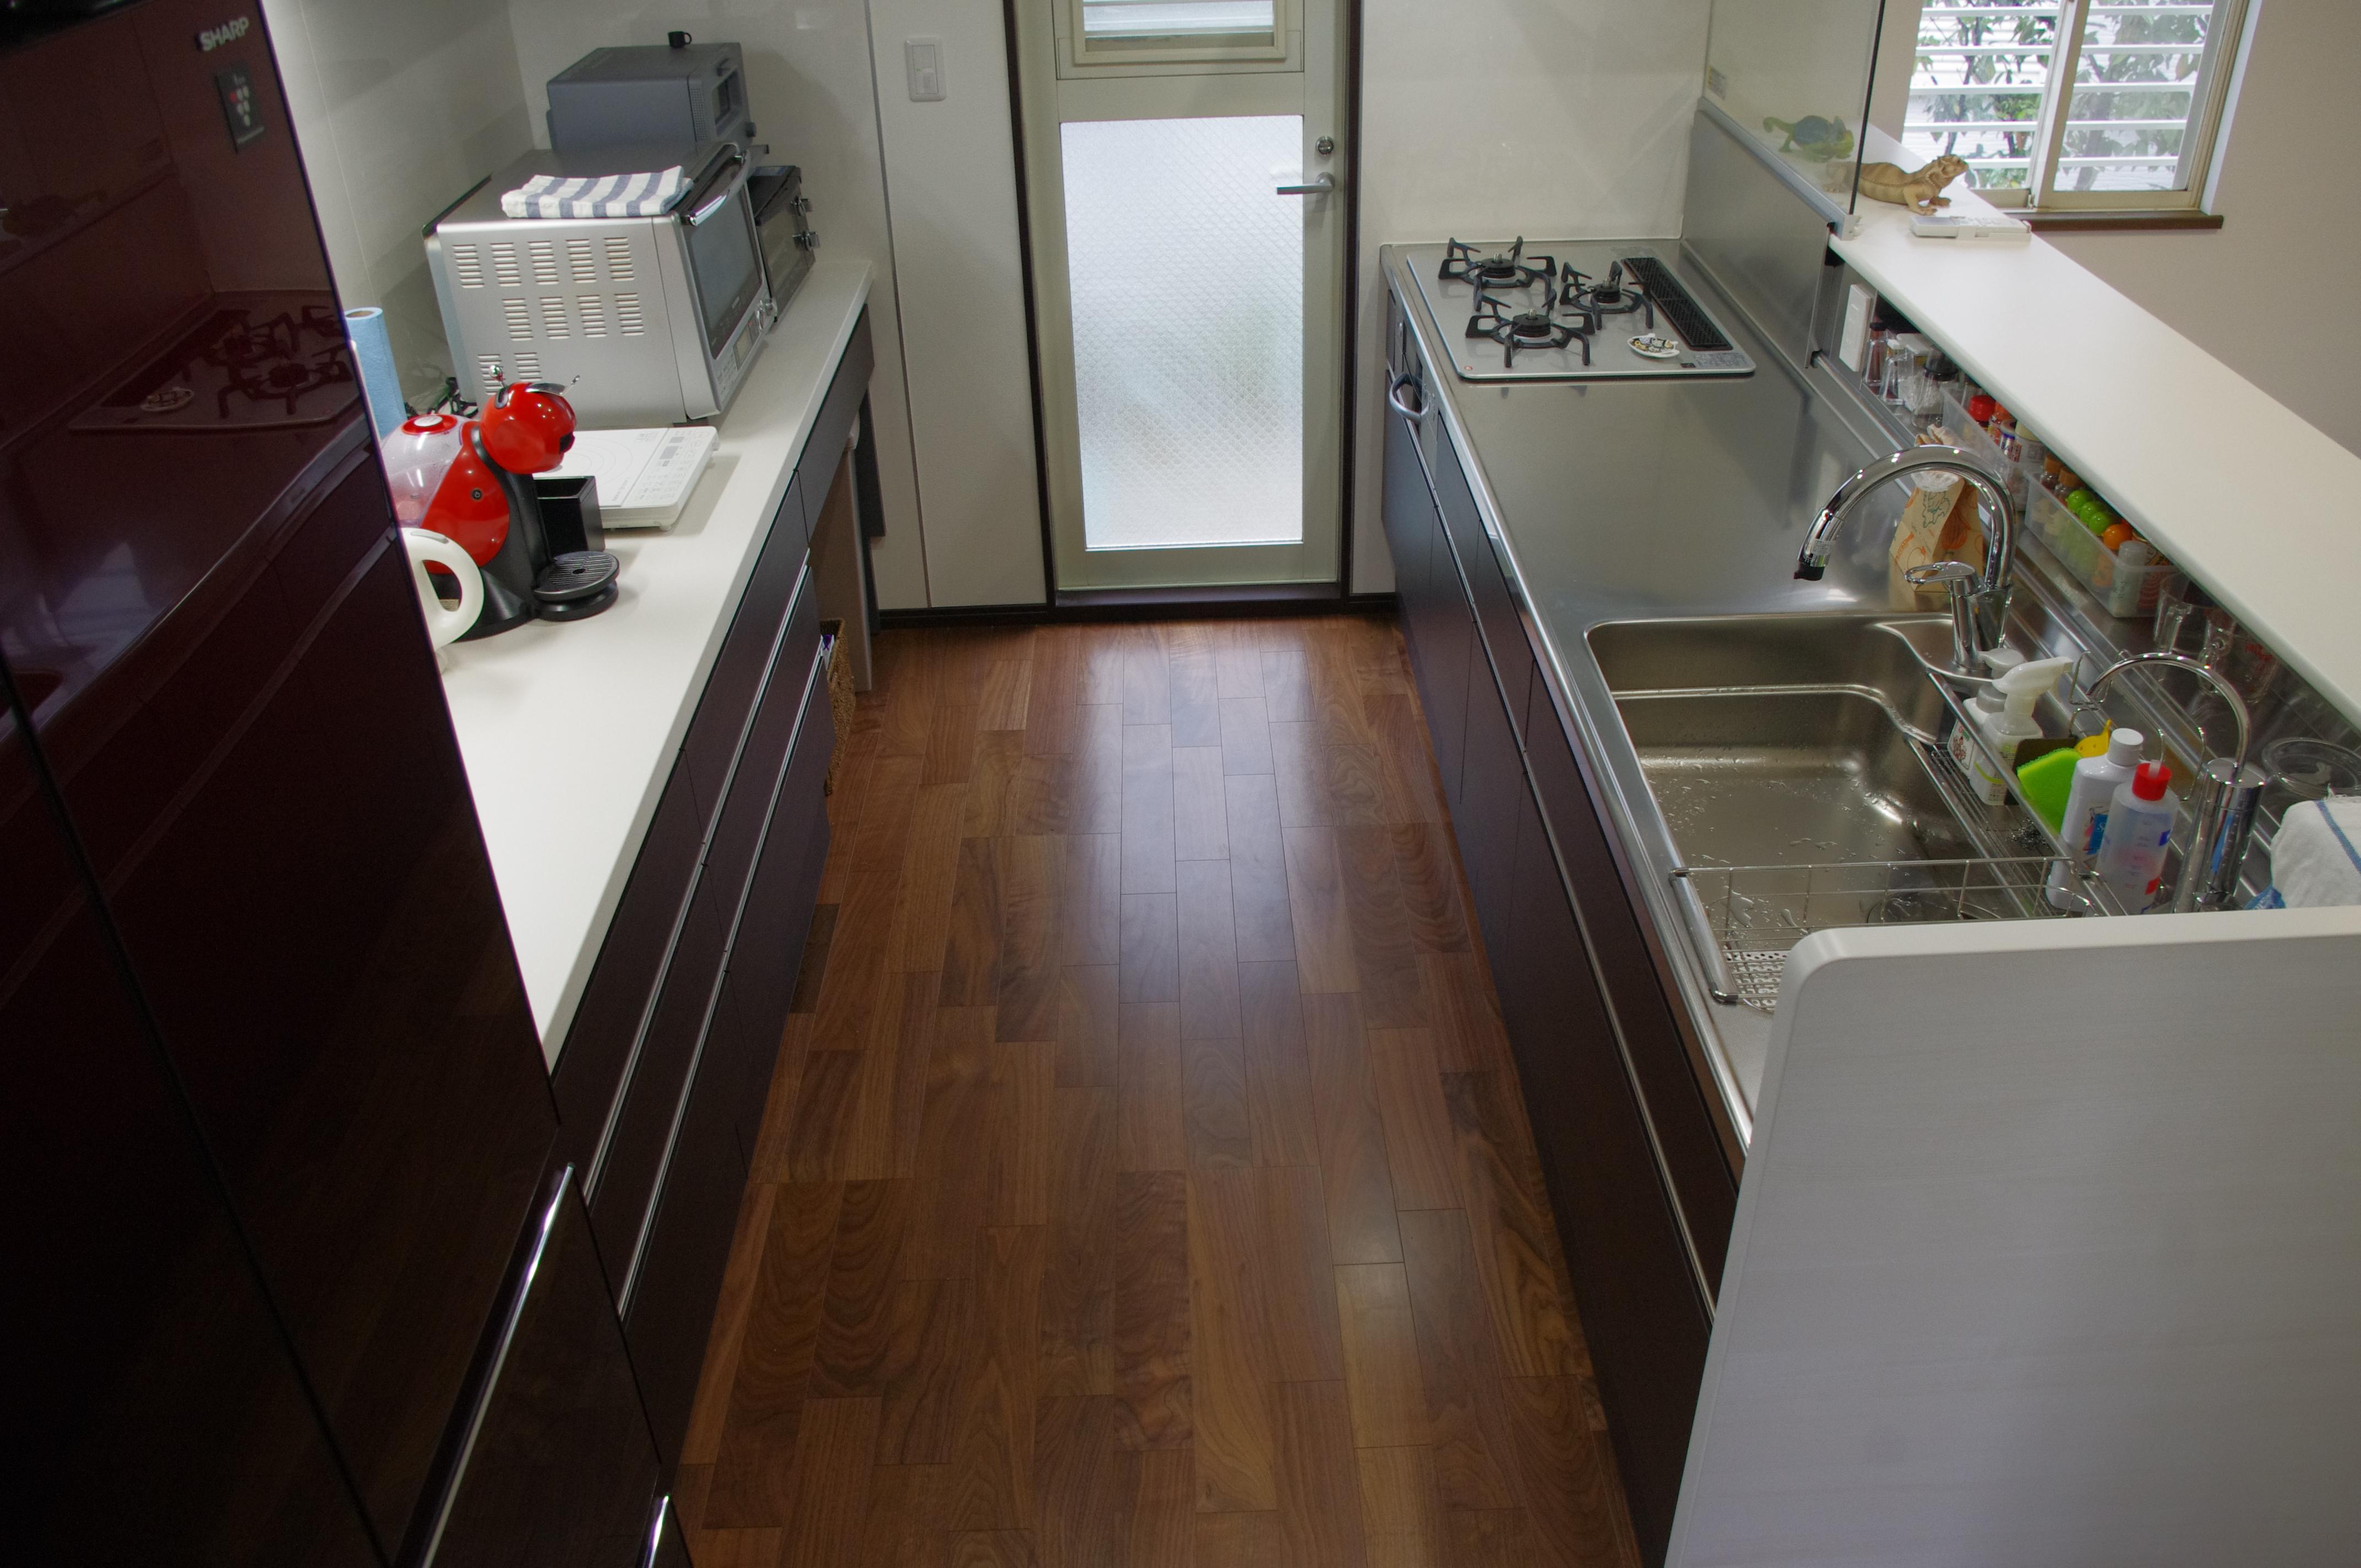 水を扱うキッチン部分はステンレスカウンター&ステンレスキャビネット、背面収納は人大カウンター&木製キャビネット